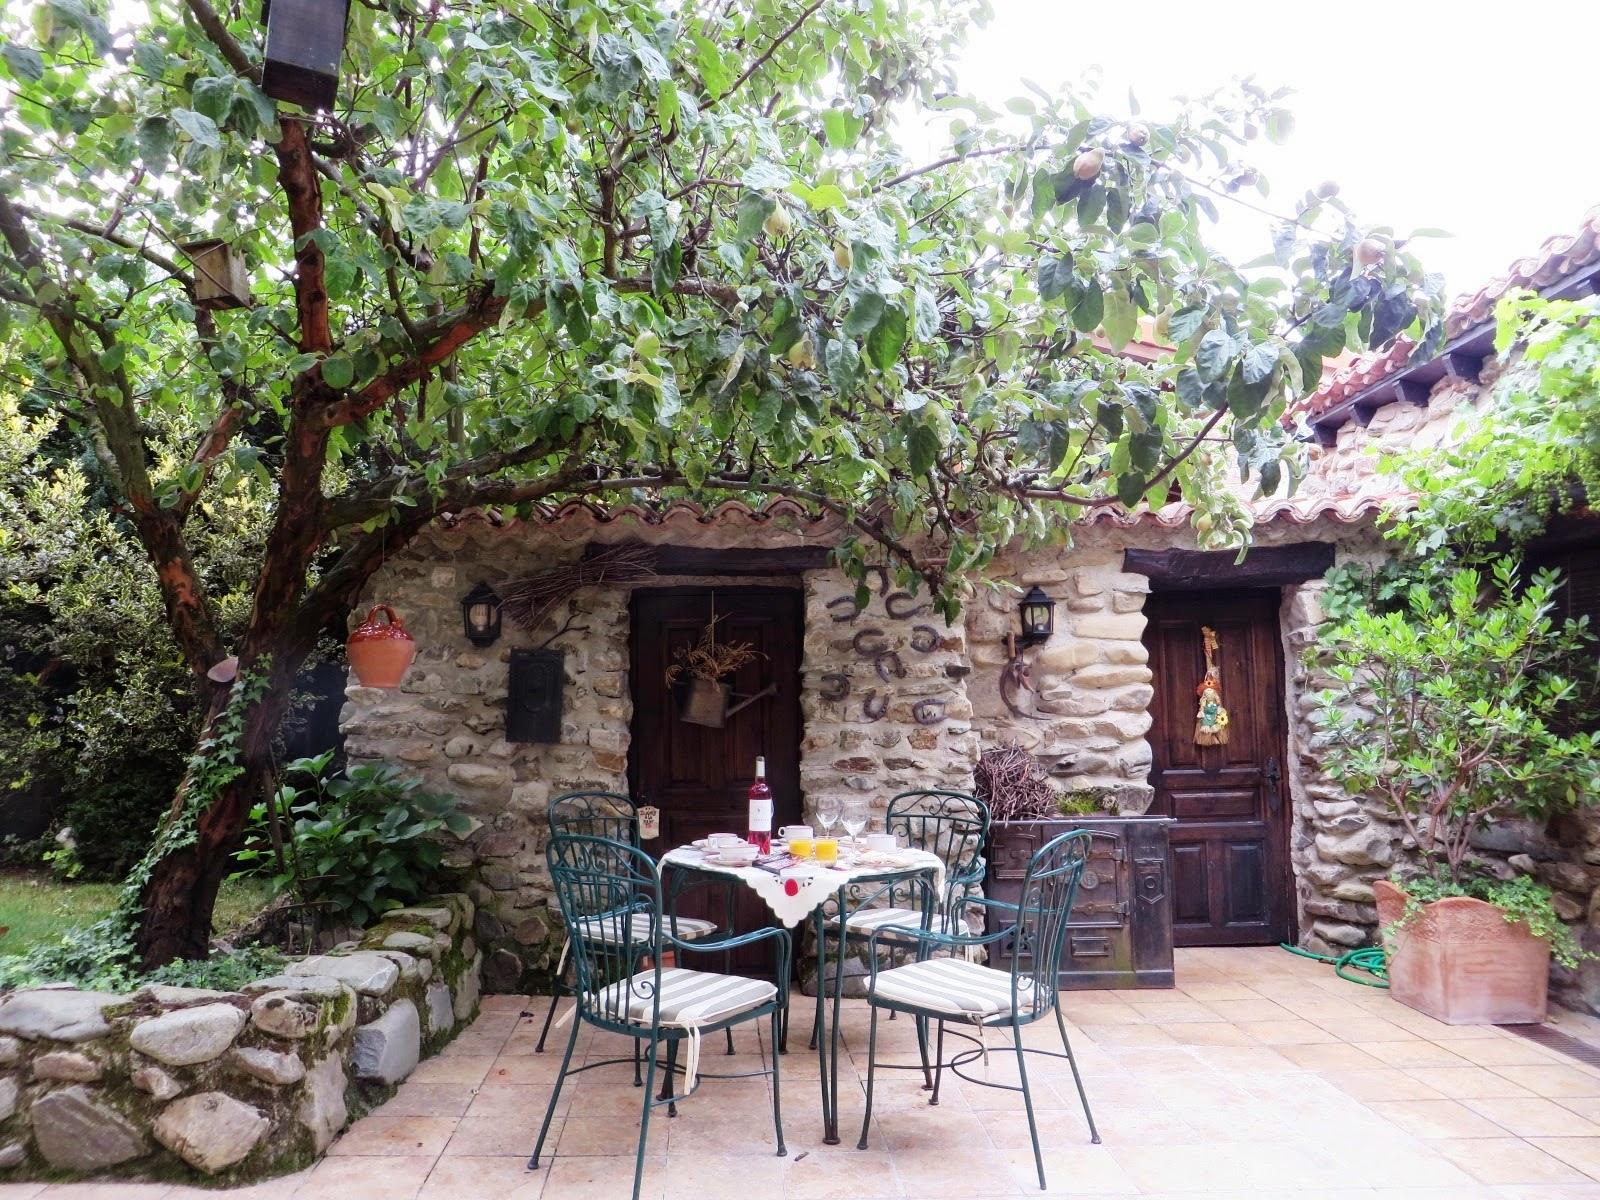 Urbina vinos blog alojamiento con encanto casa rural r o for Alojamiento en la rioja espana